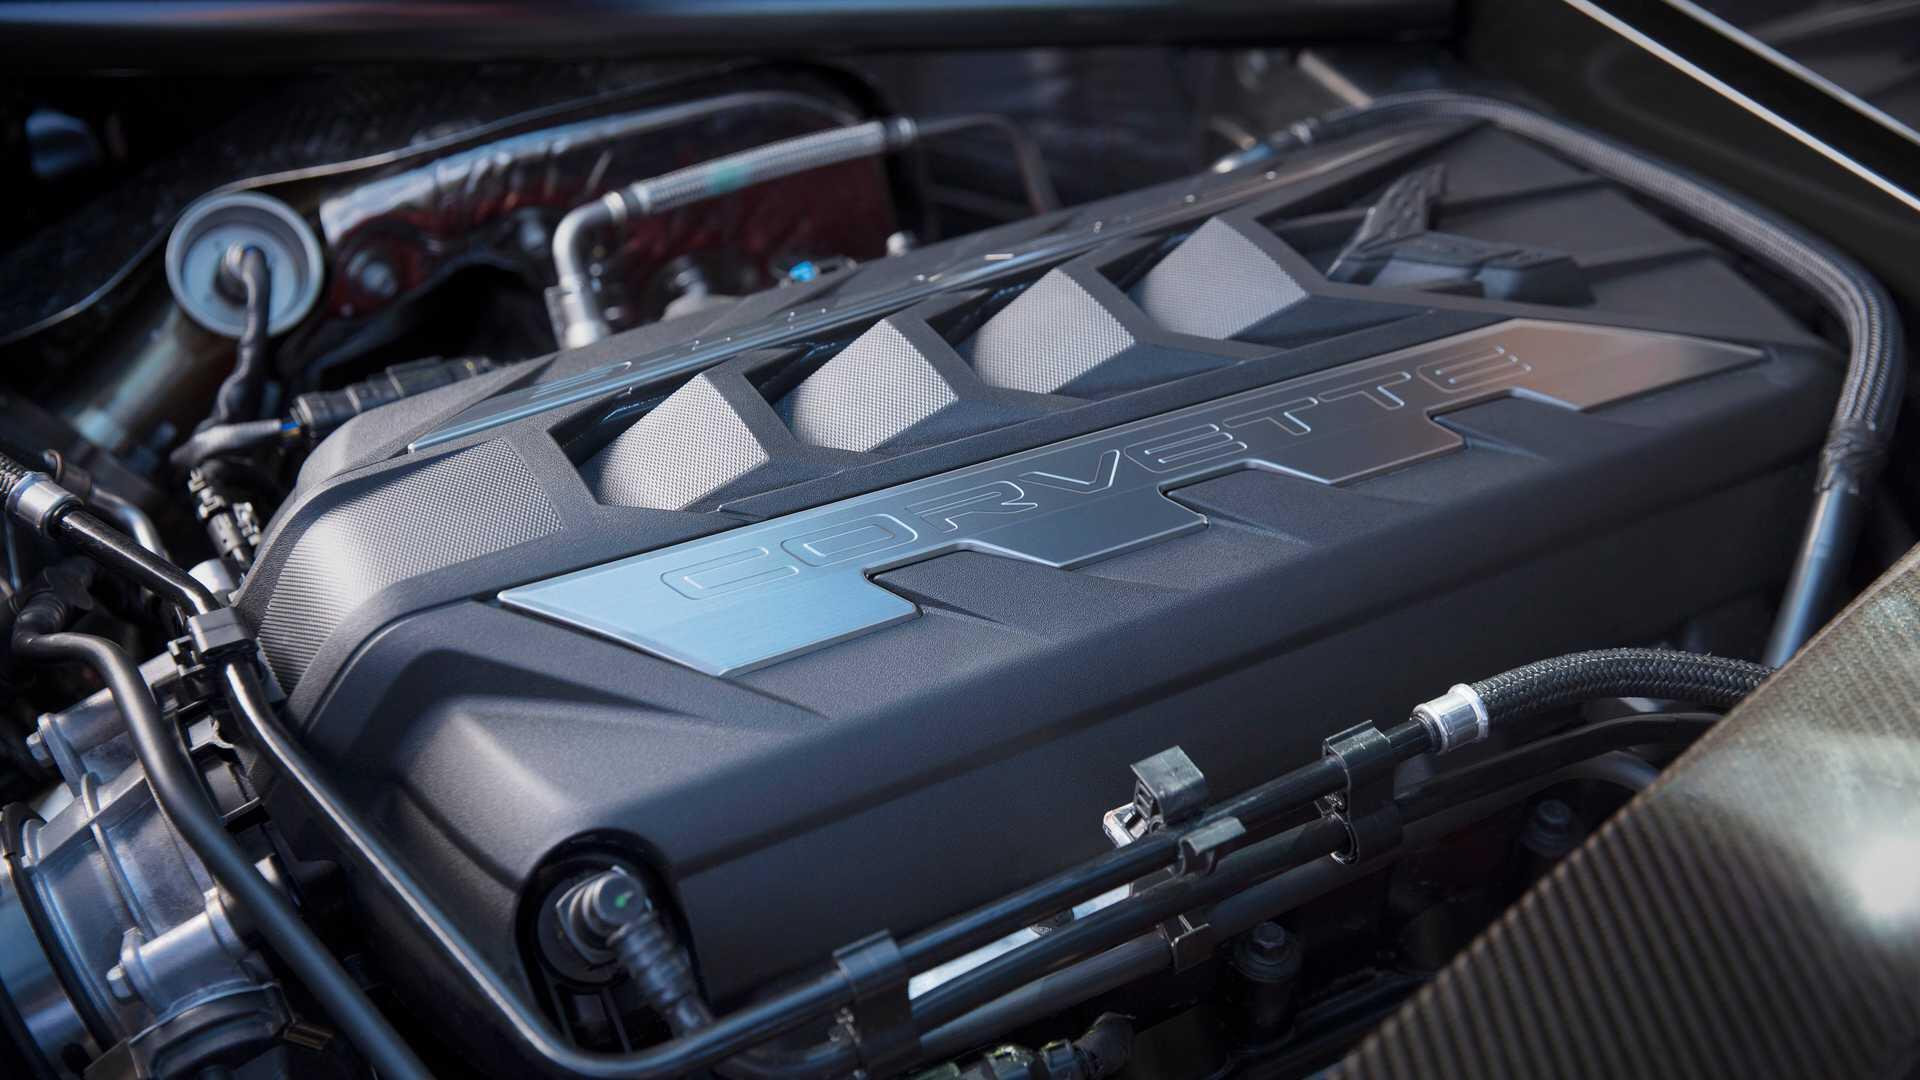 https://cdn.dailyxe.com.vn/image/chevrolet-corvette-2020-co-mot-so-tinh-nang-an-tuyet-voi-75-94584j2.jpg